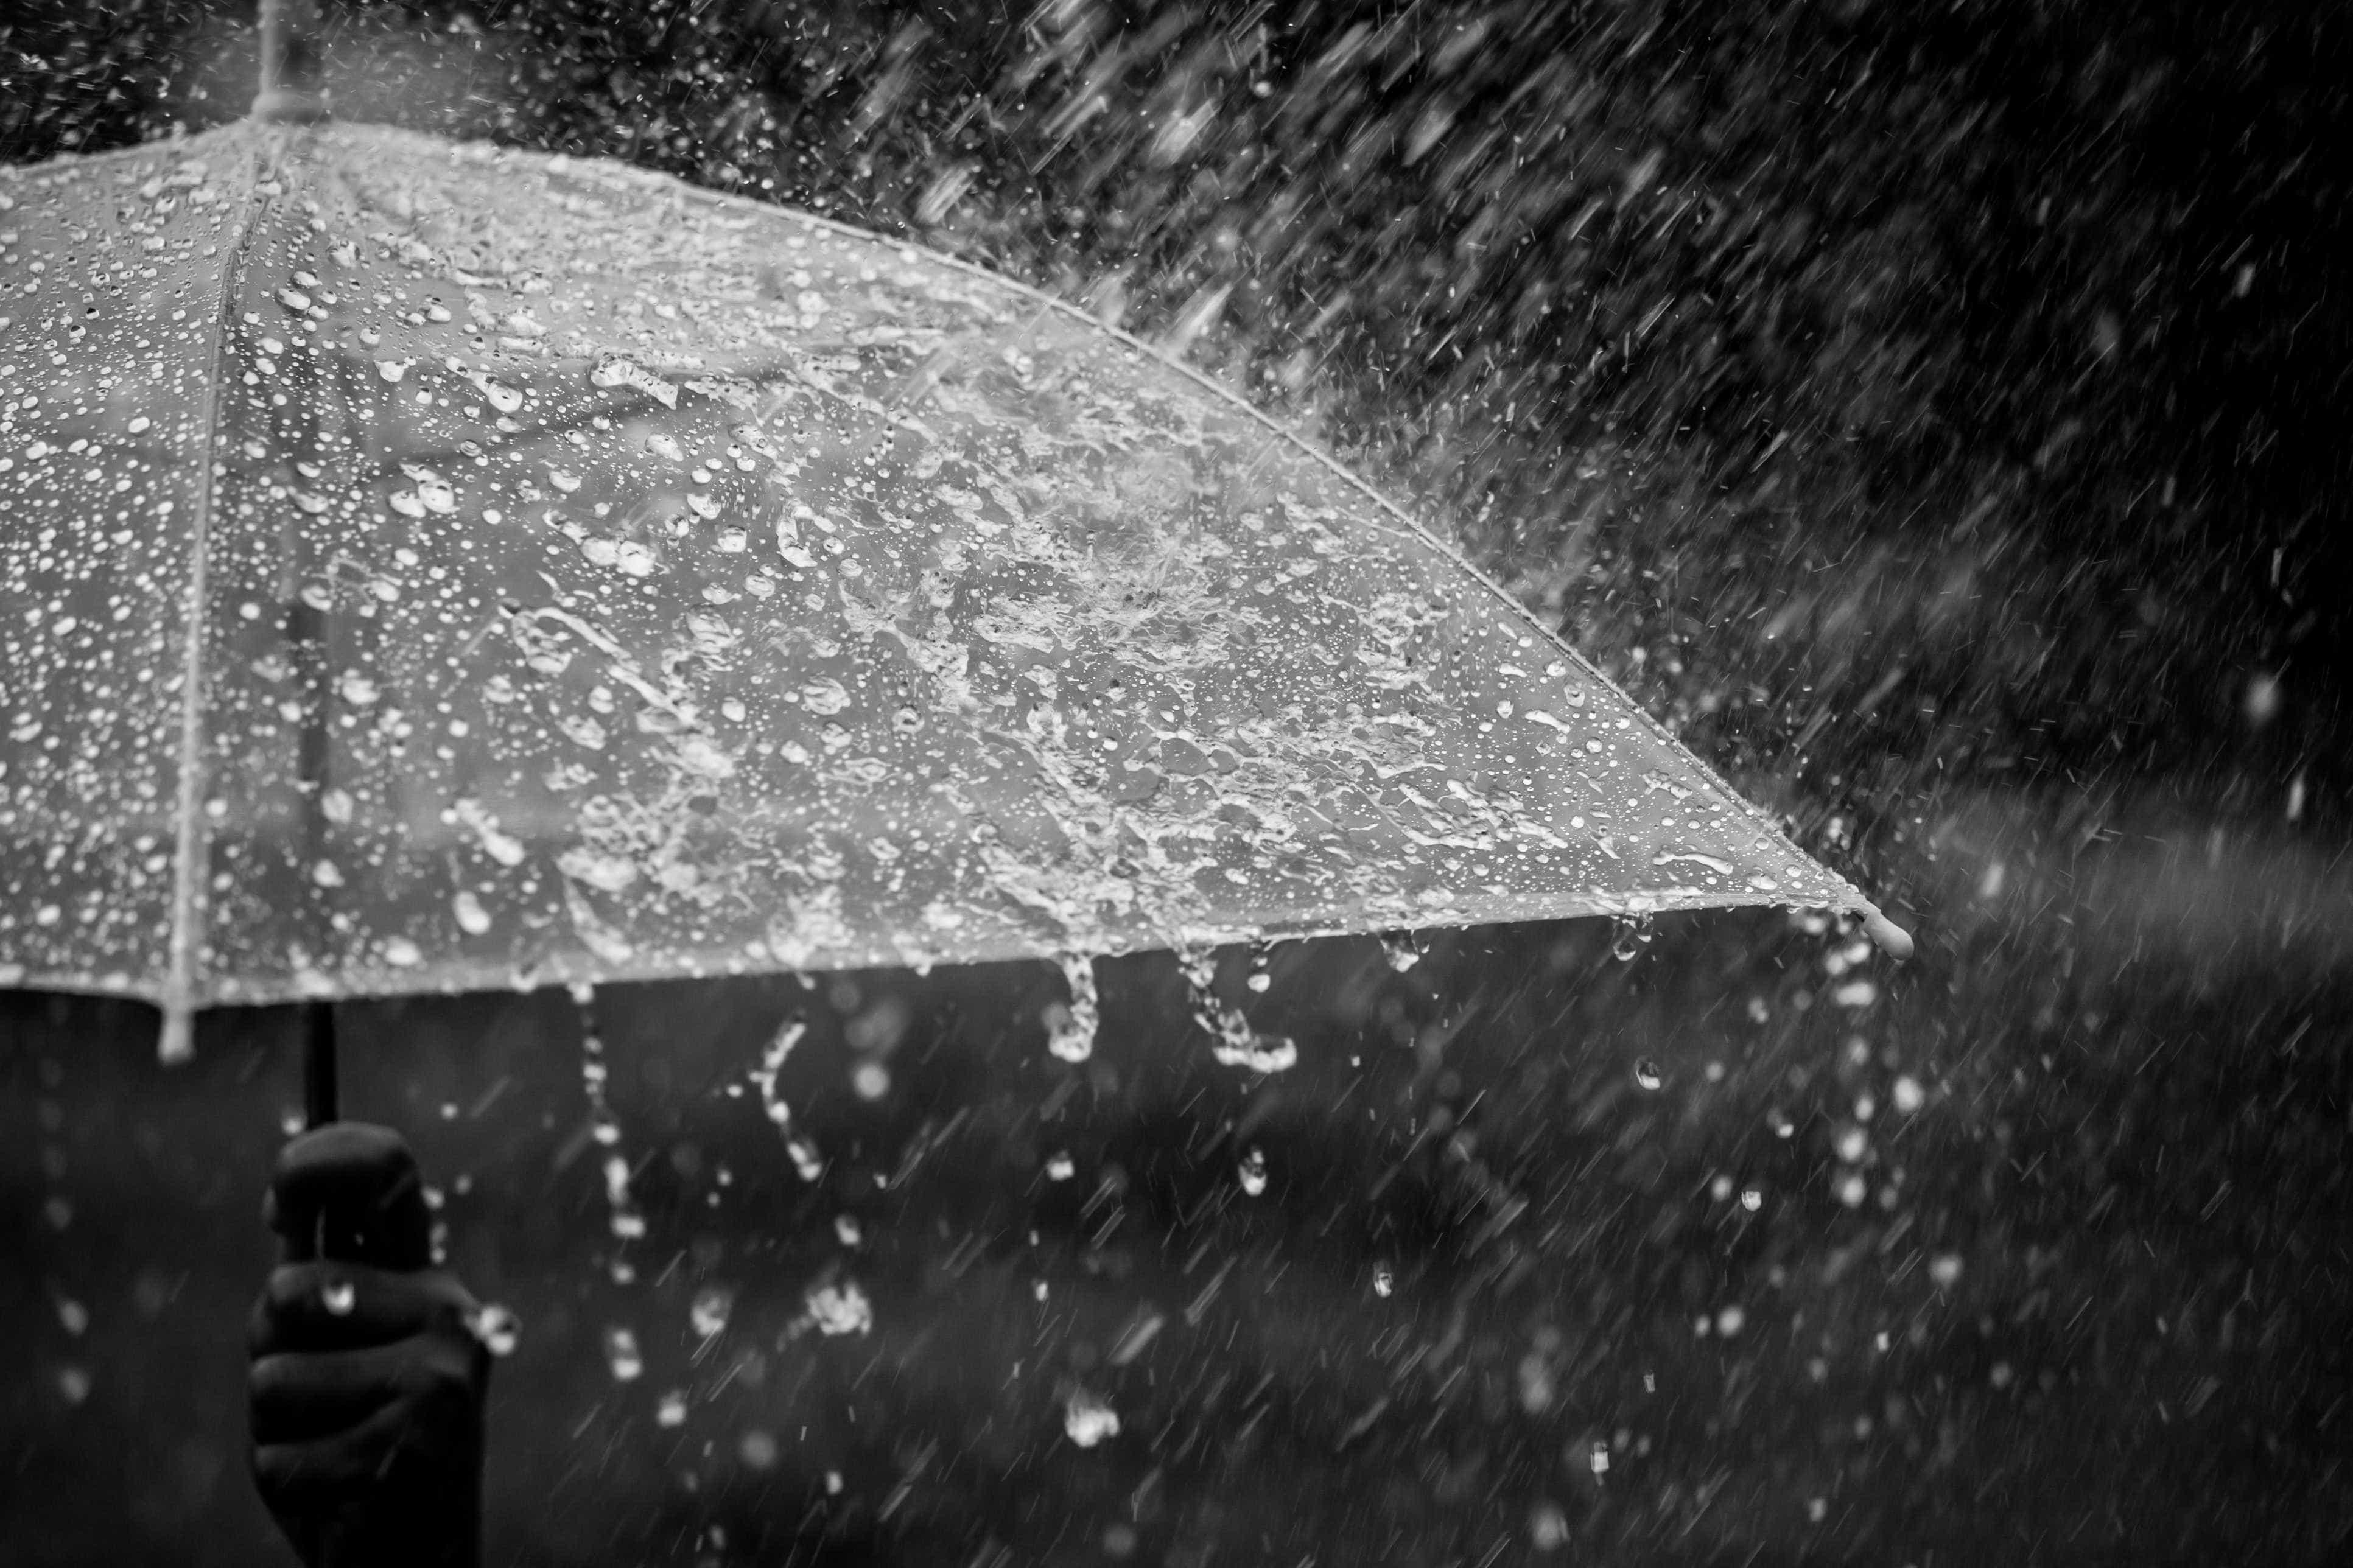 Já cumprimentou o outono? Chegou atrasado e trouxe chuva